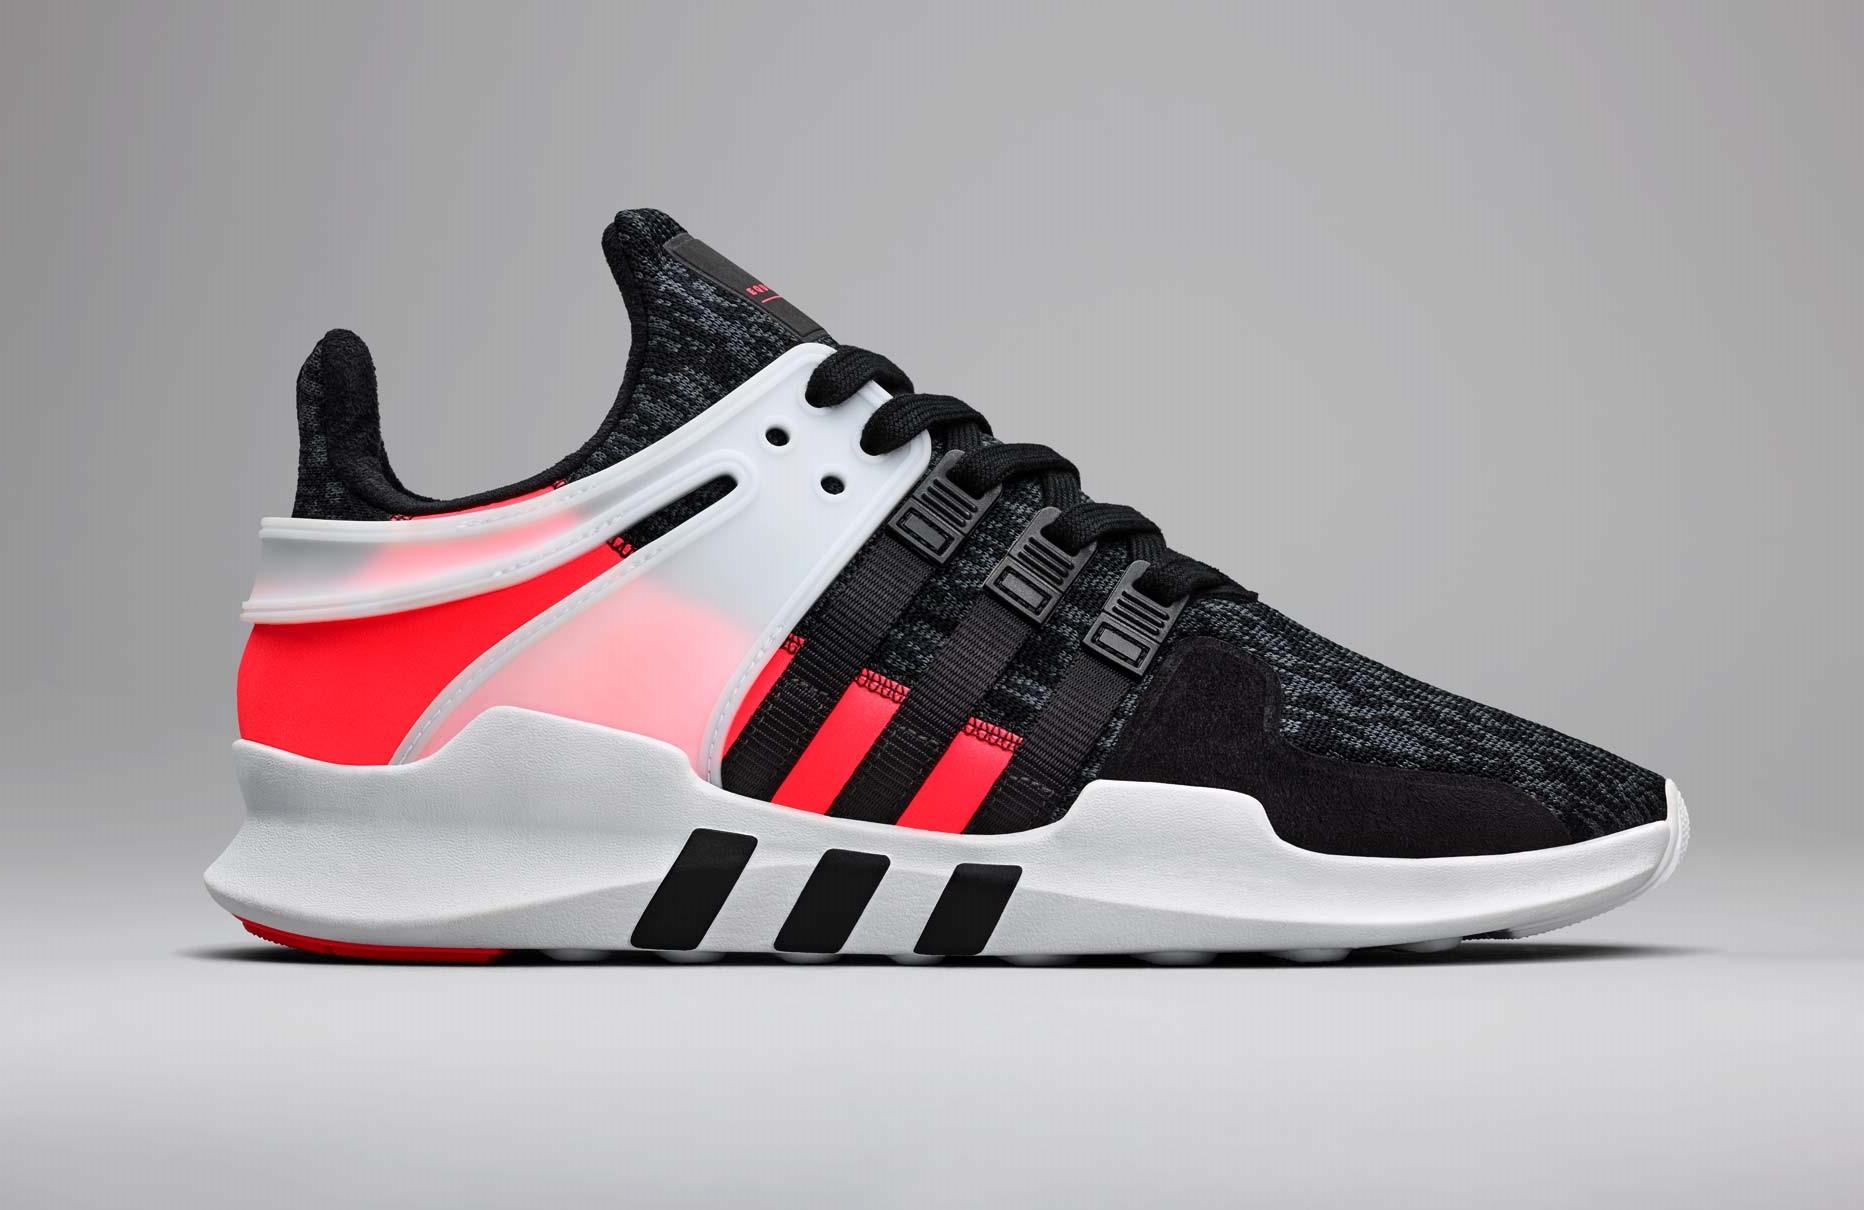 promo code for adidas latest shoes malaysia afdc1 2aeea